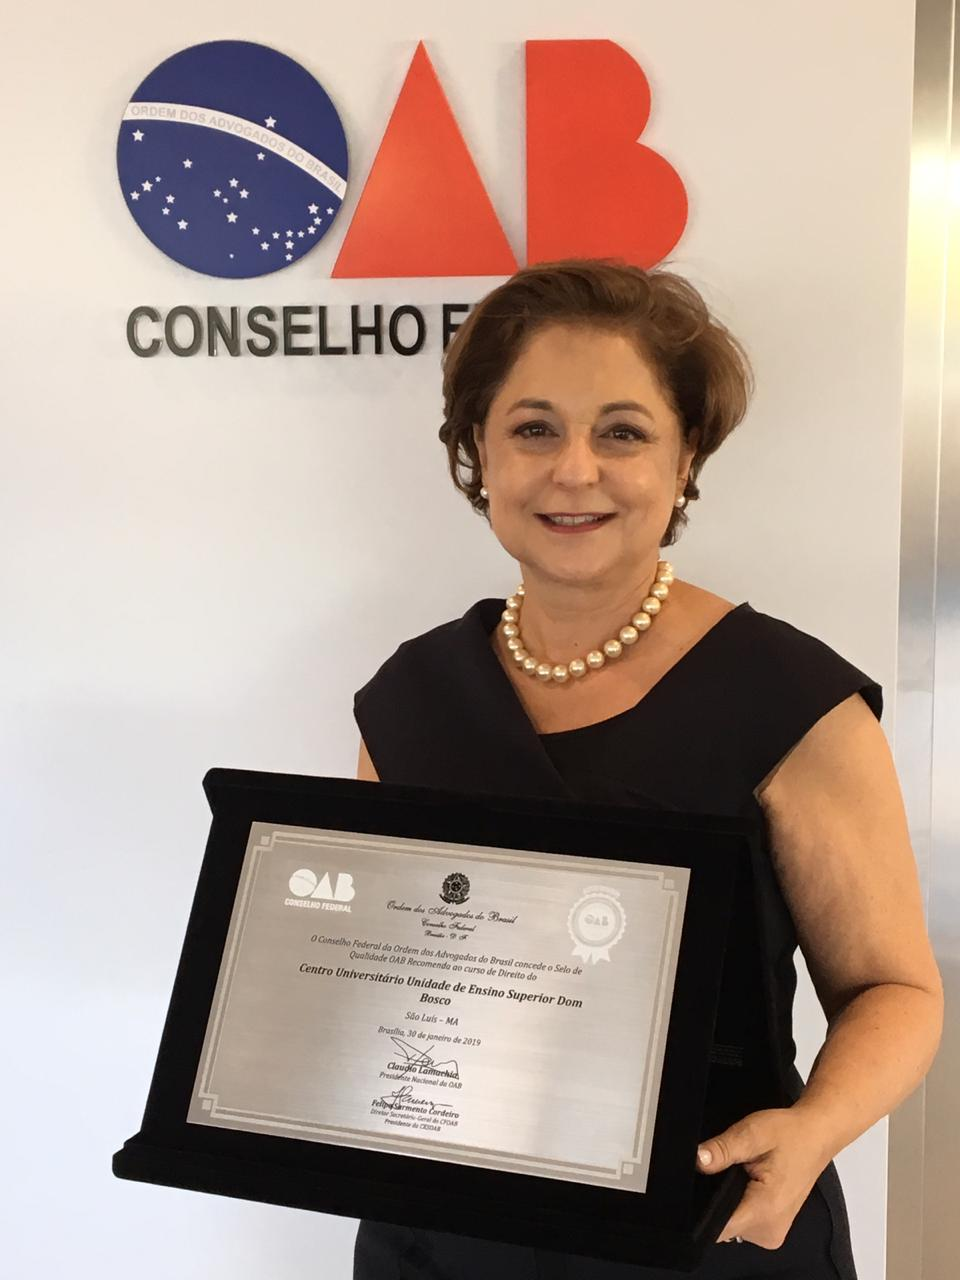 A Reitora da UNDB Centro Universitário Profa. Dra. Ceres Murad comemora os excelentes resultados do Curso de Direito, que se mantém no 1º lugar em aprovações na OAB-MA entre as instituições privadas de ensino.